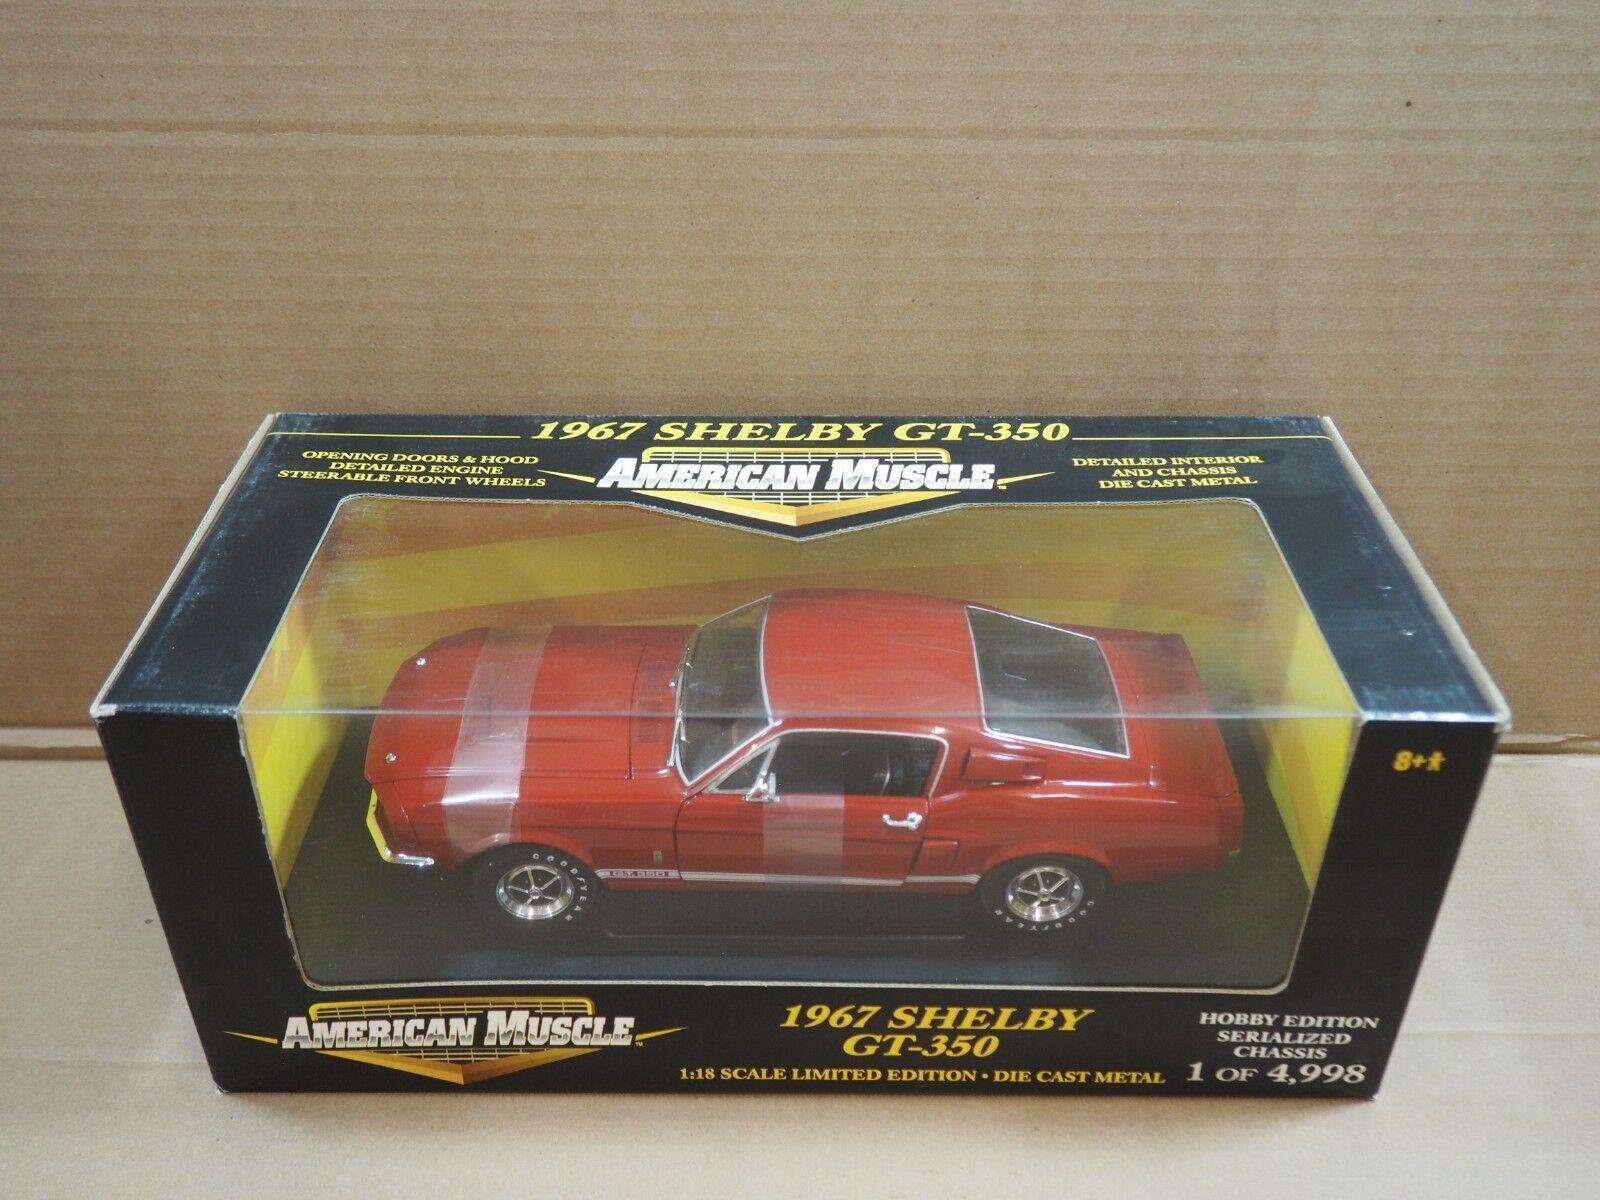 Ertl American Muscle 1967 Shelby GT-350 - Rojo Hobby Edition-edición limitada de 1 18 Nuevo En Caja